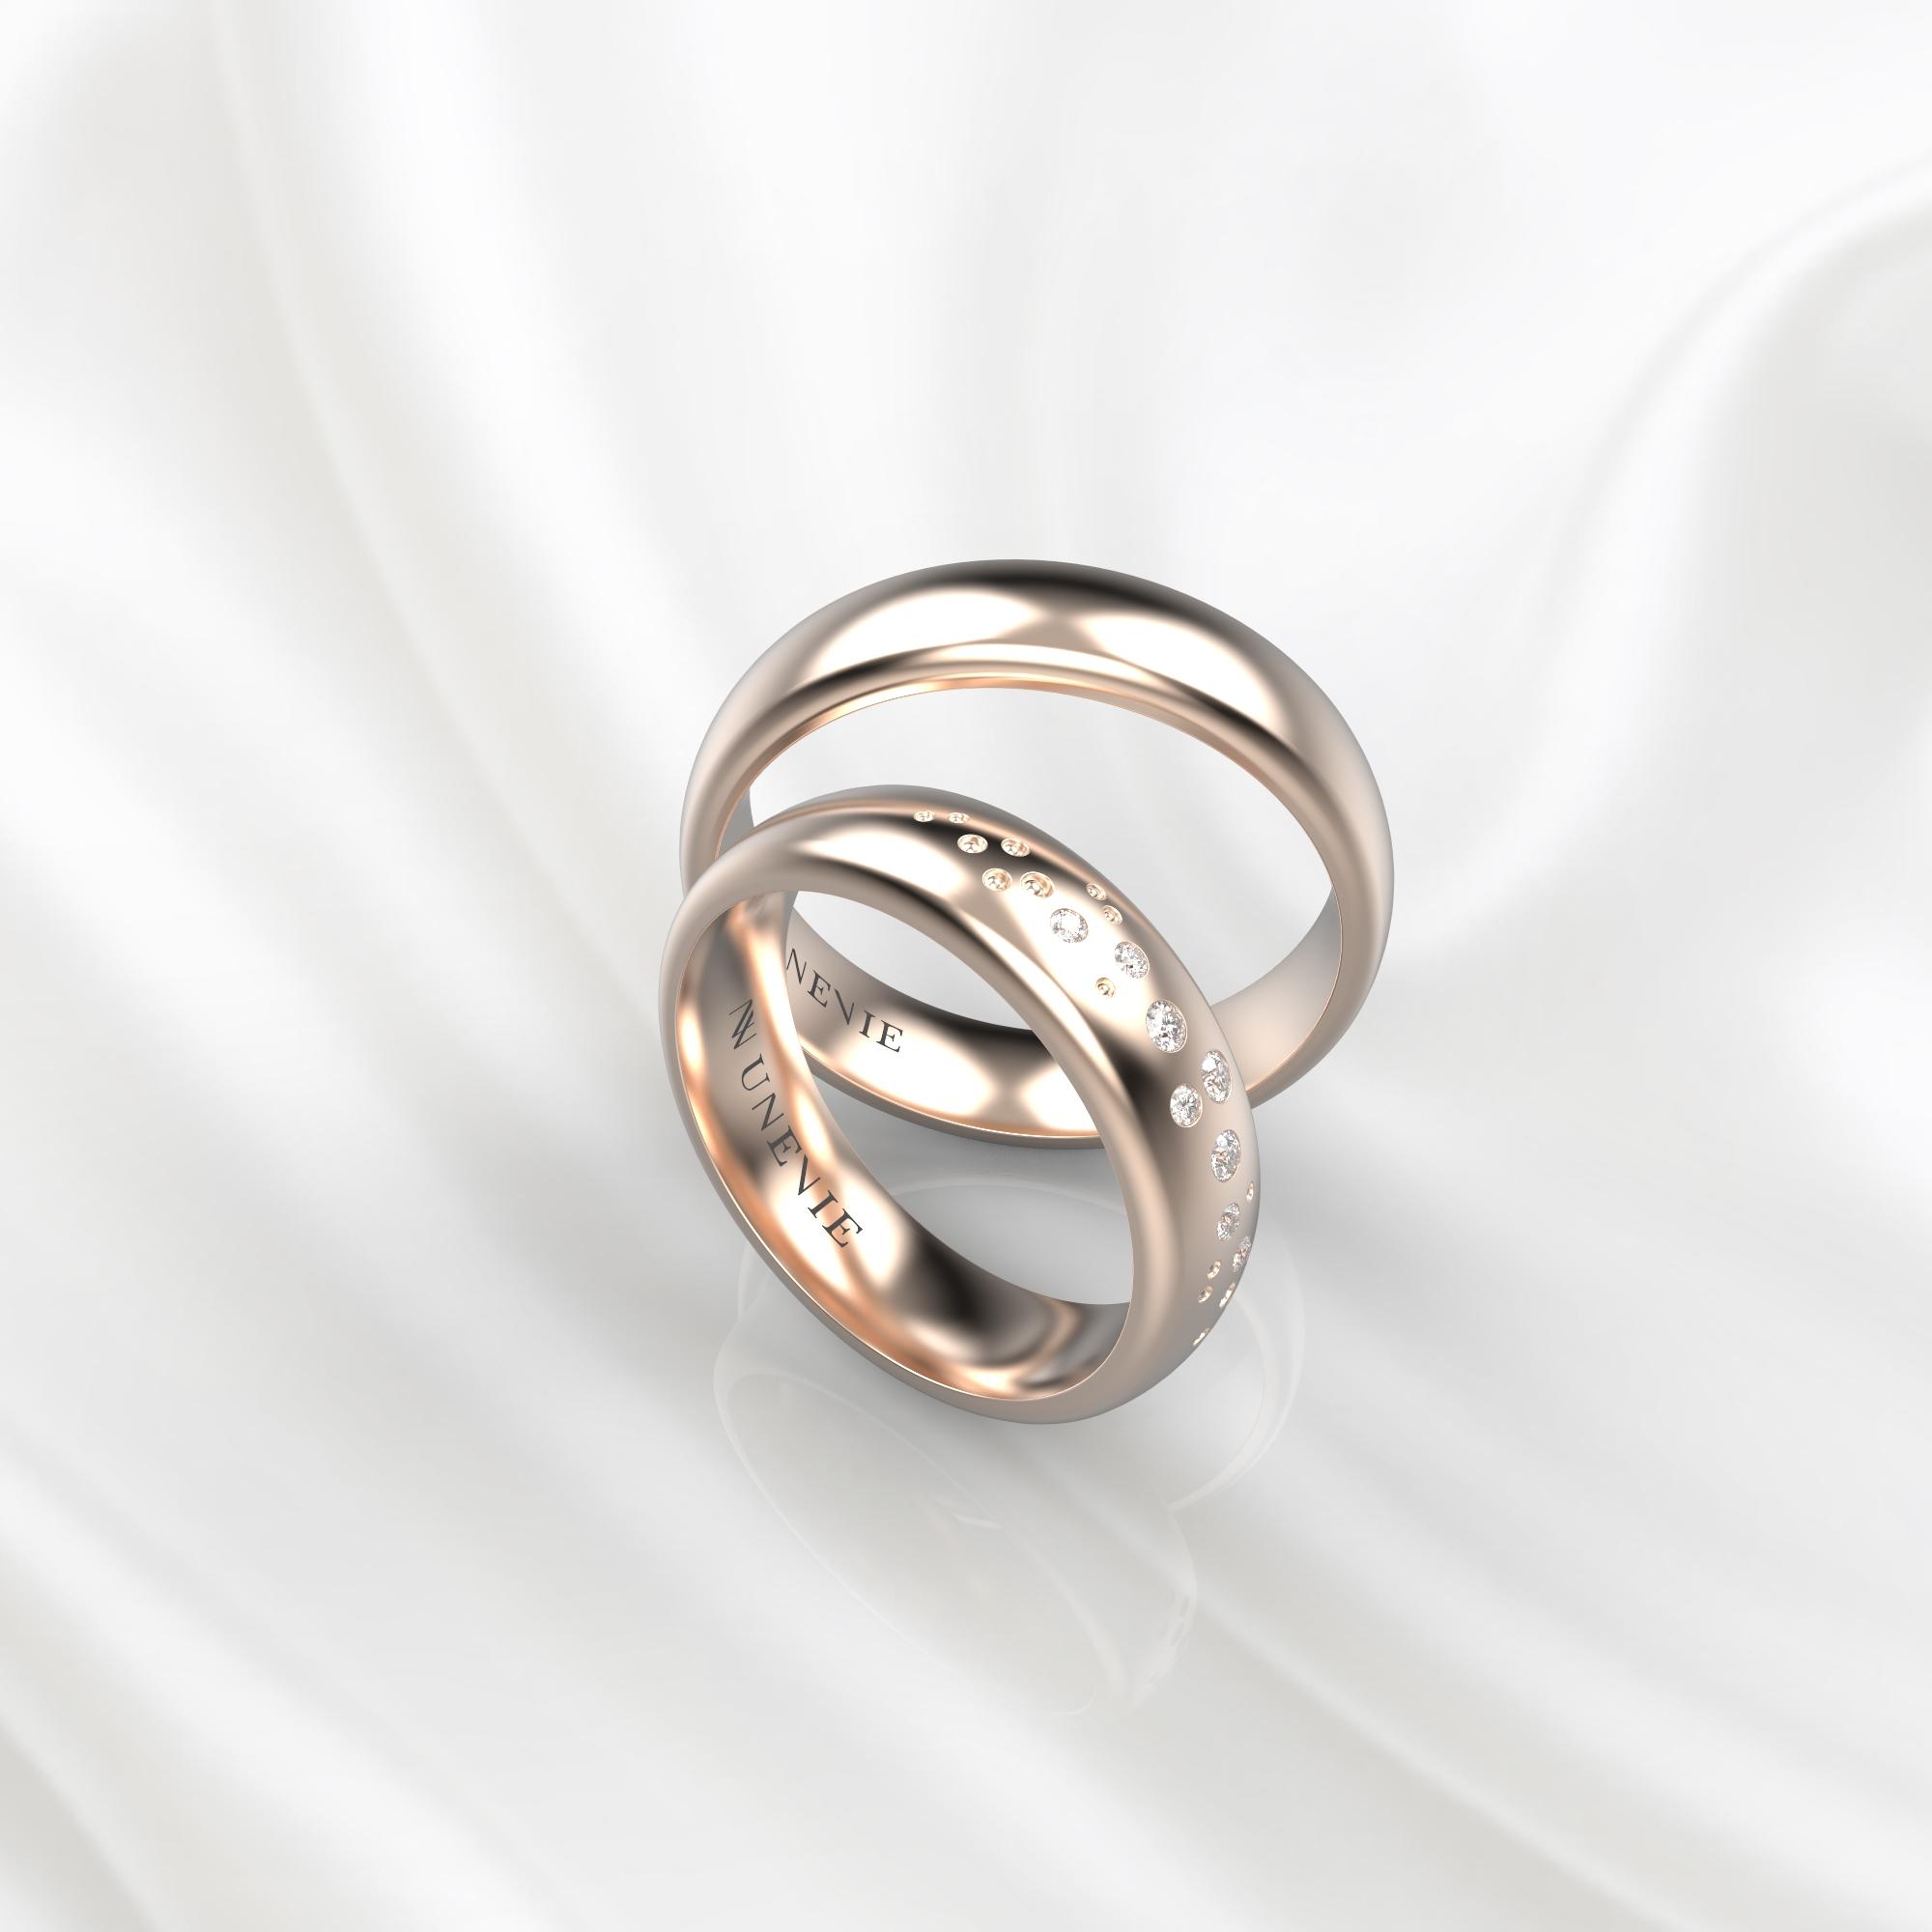 NV54 Парные обручальные кольца из розового золота с бриллиантами